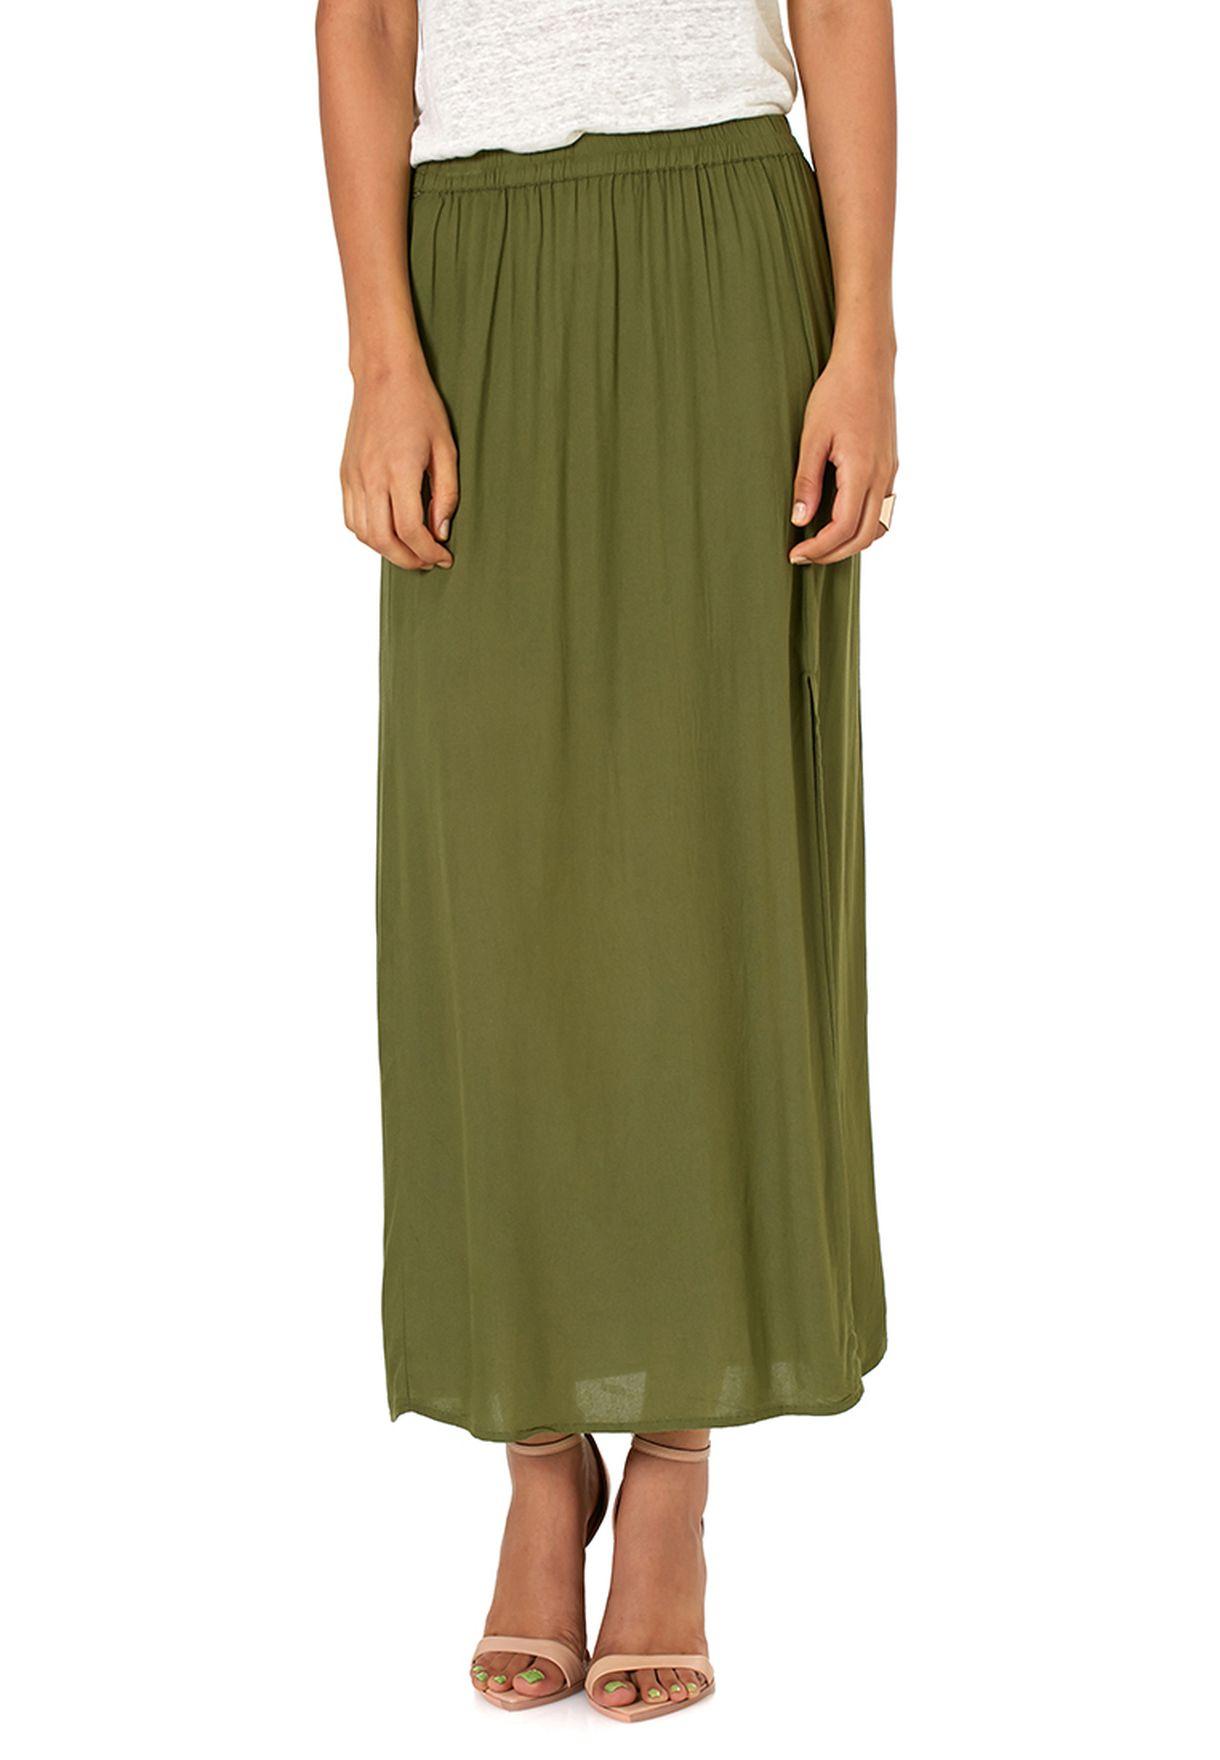 Skirt moda Beige Vero Green Ankle Women j5RA4L